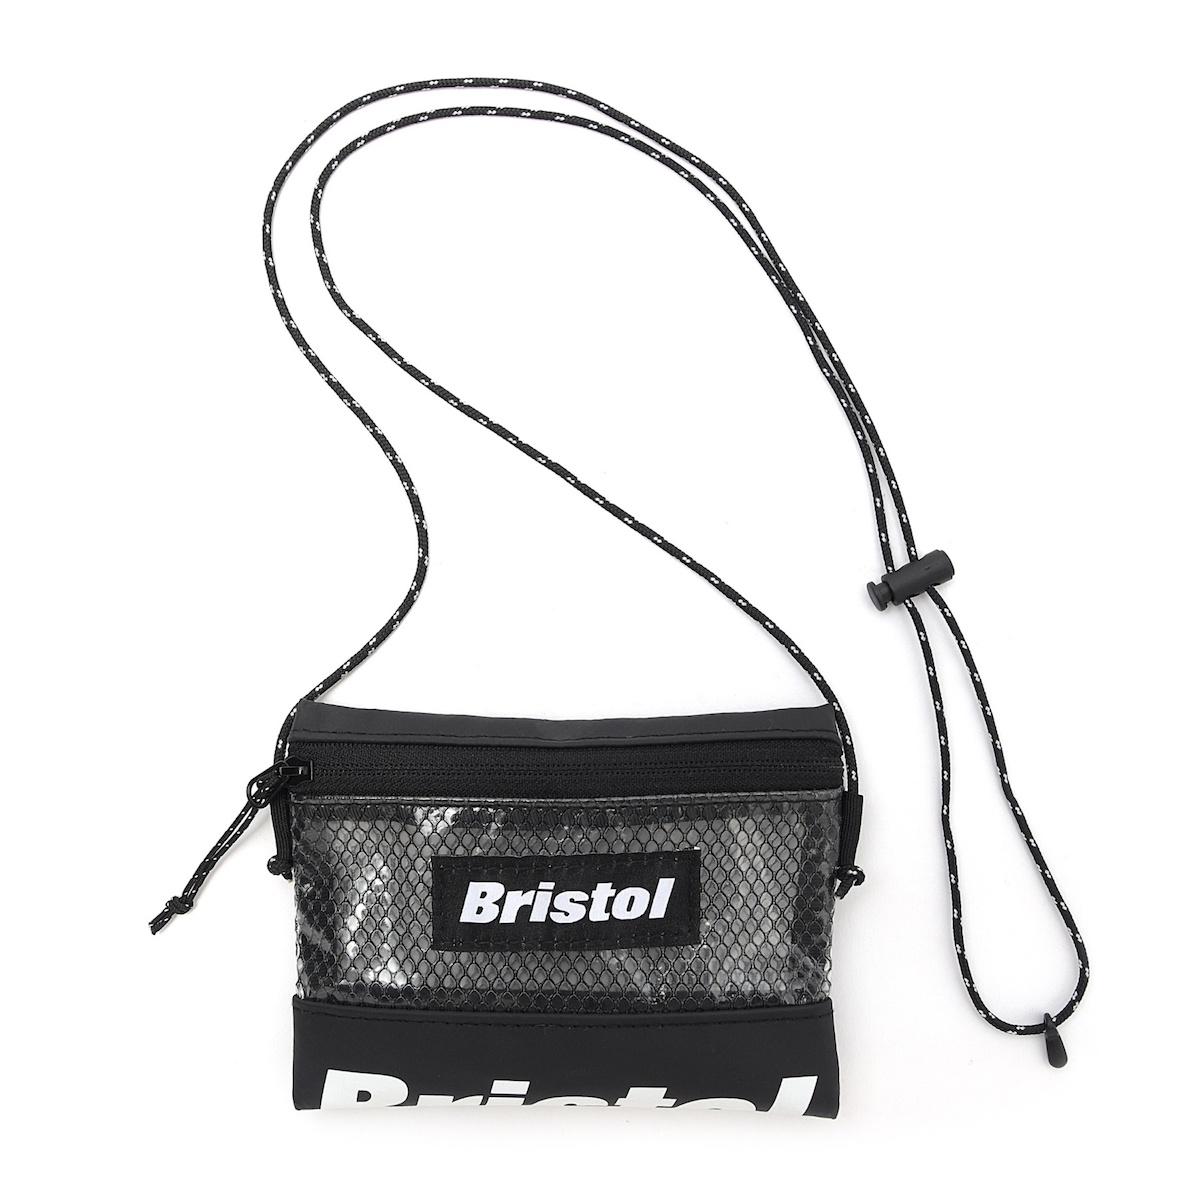 F.C.Real Bristol / MULTI CASE SMALL